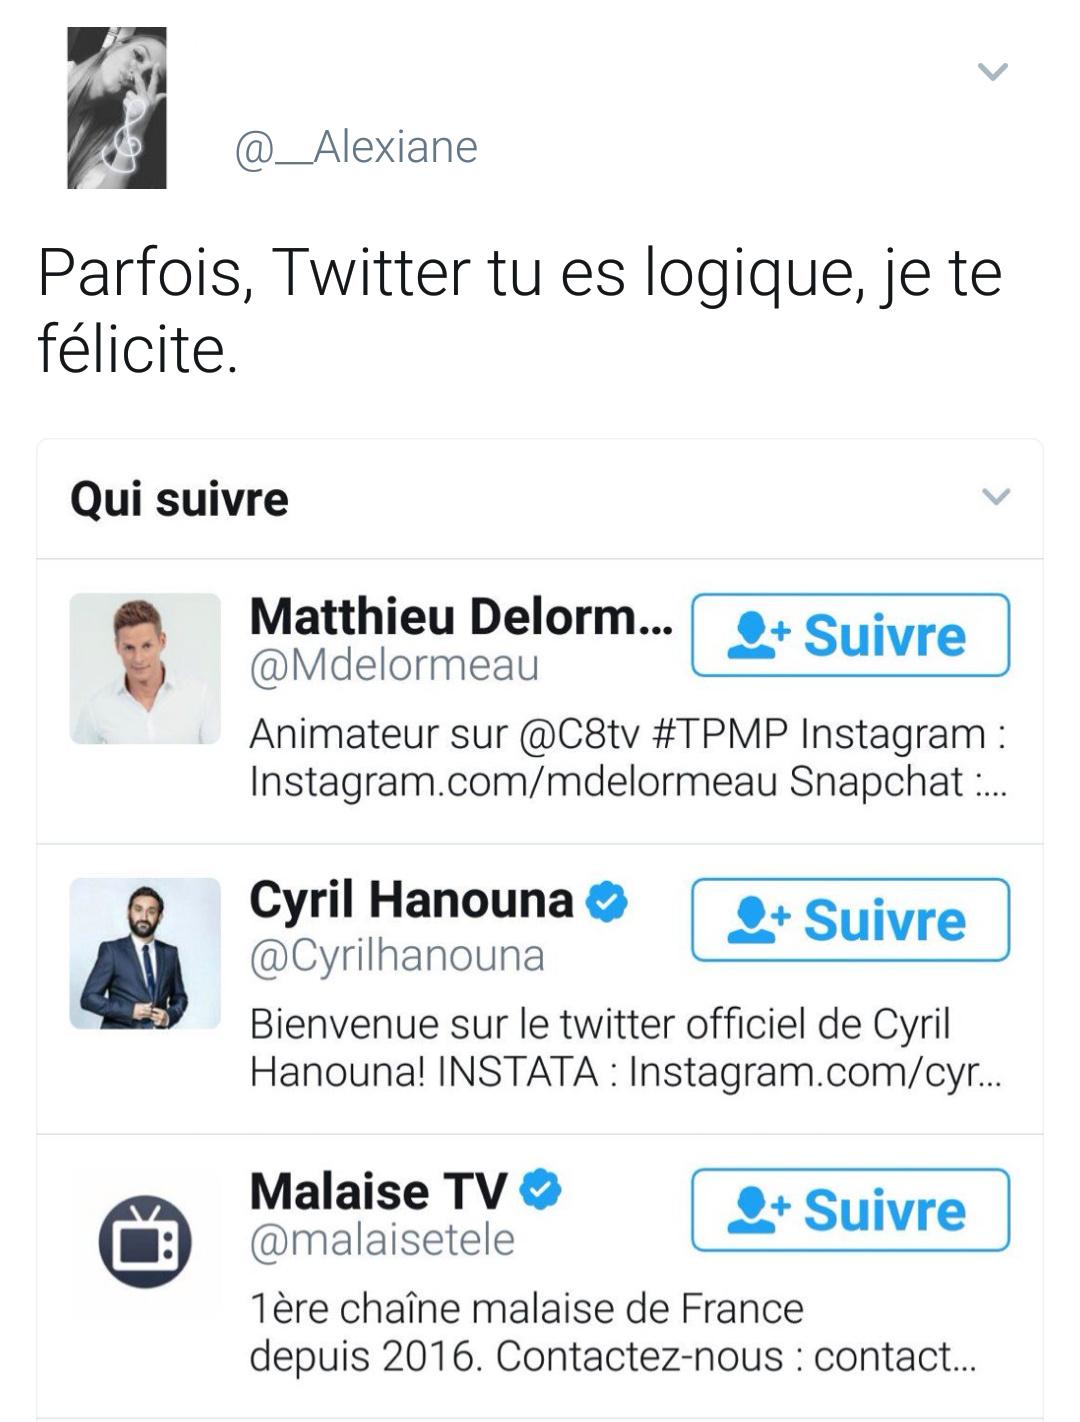 Bravo Twitter